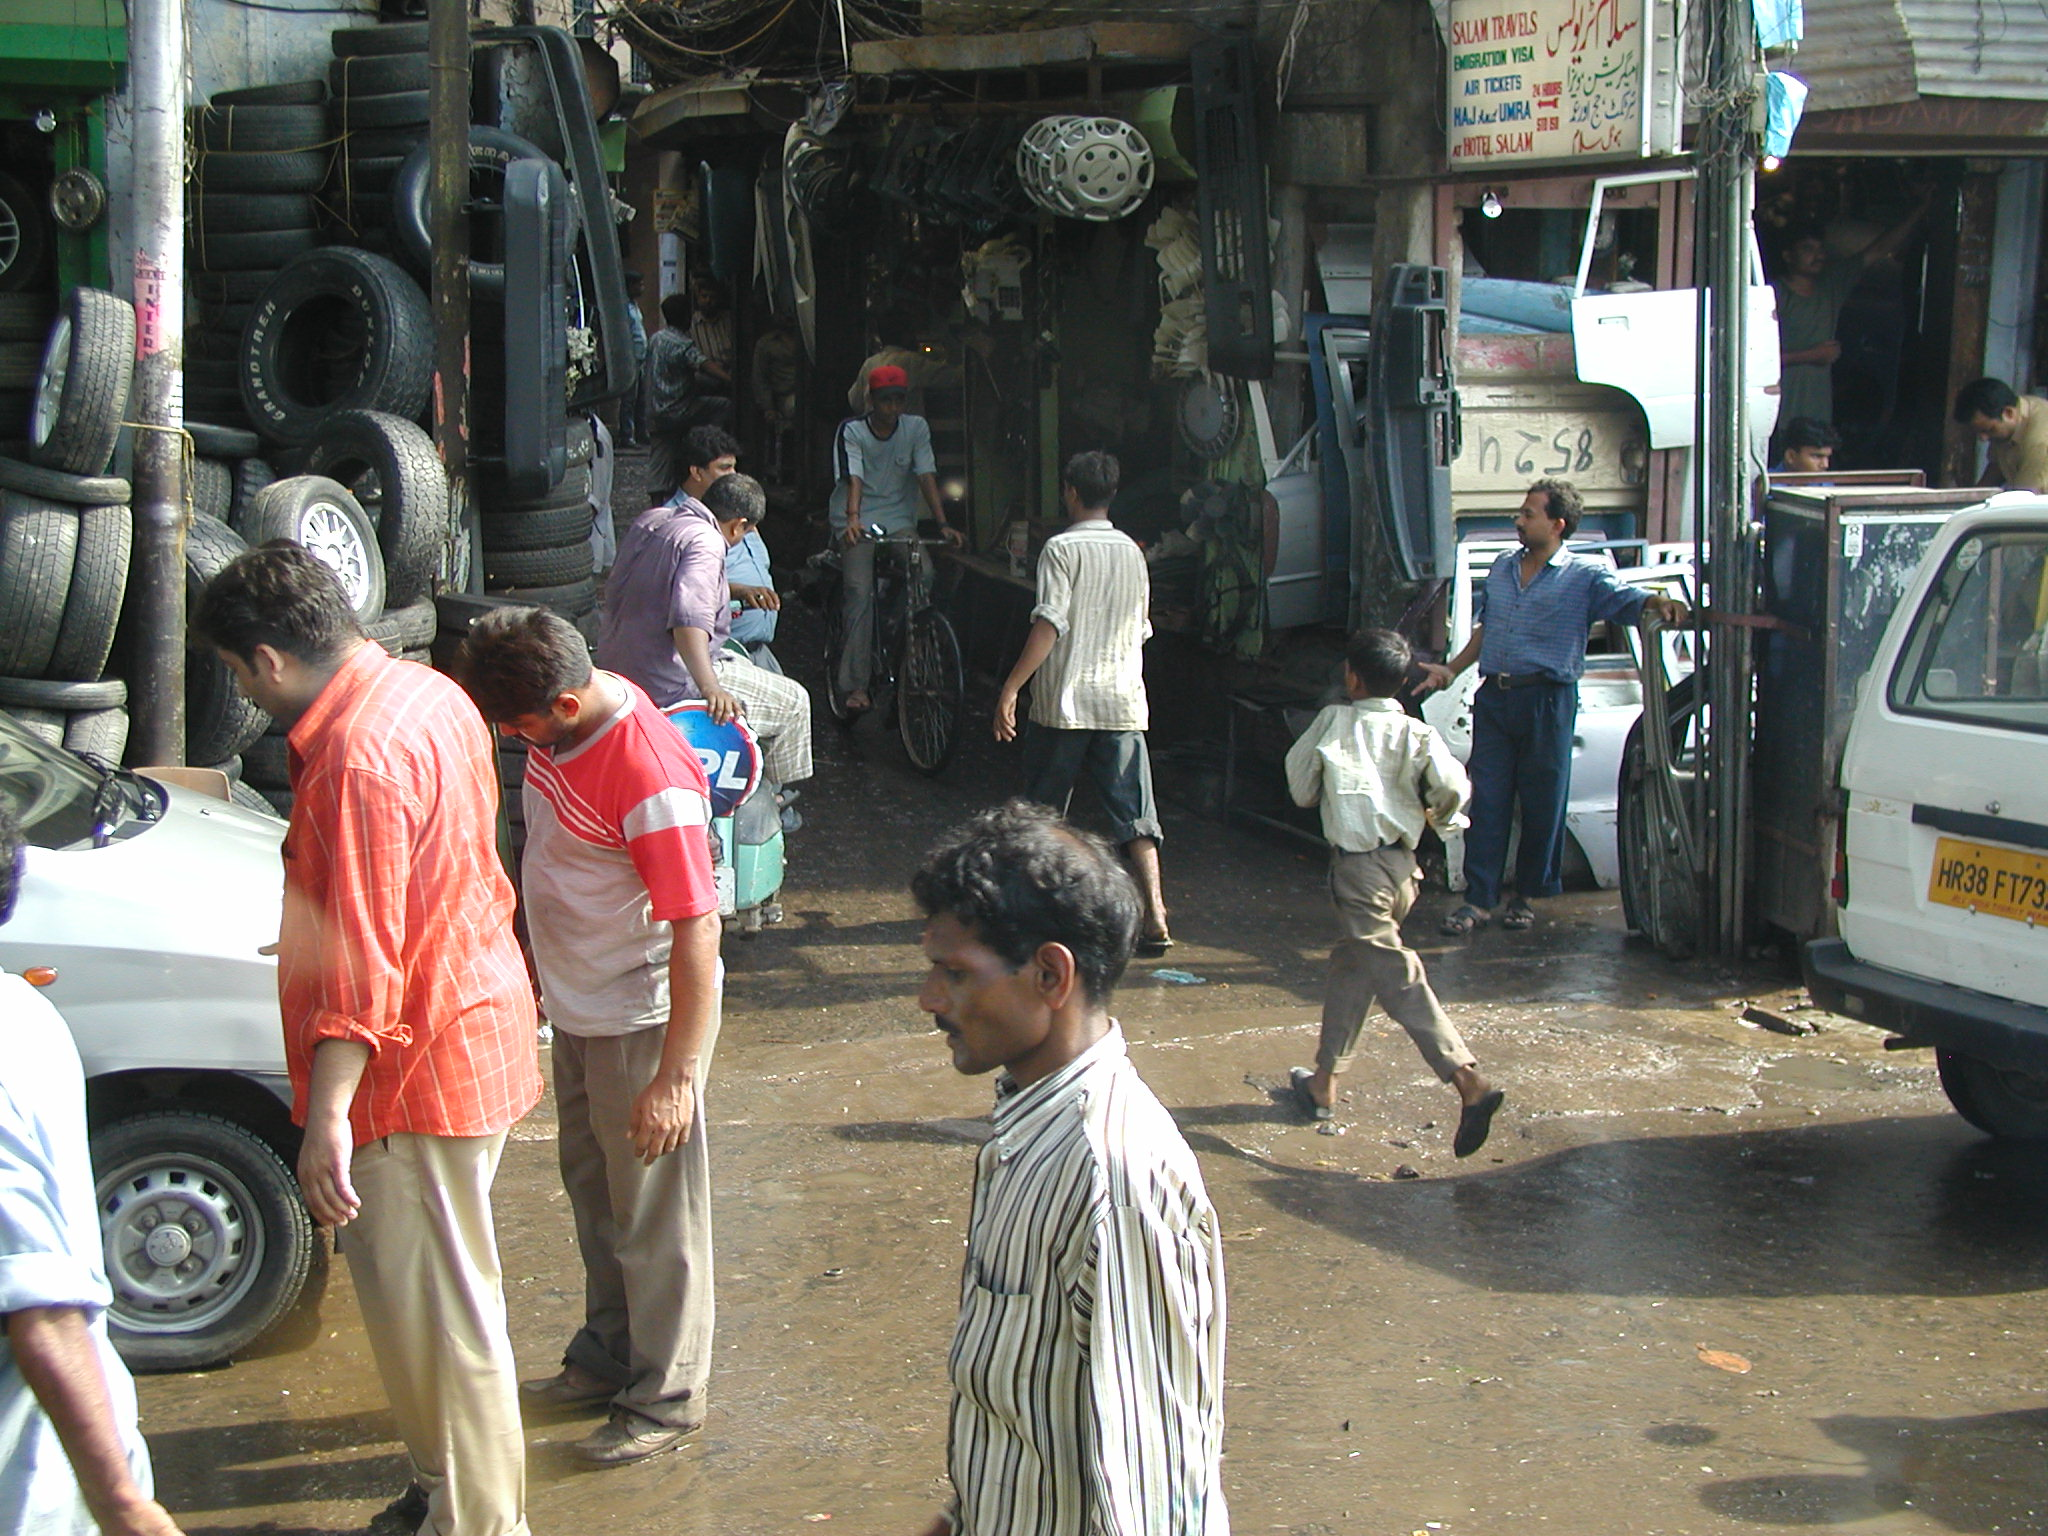 Pedestrians on the street in Delhi